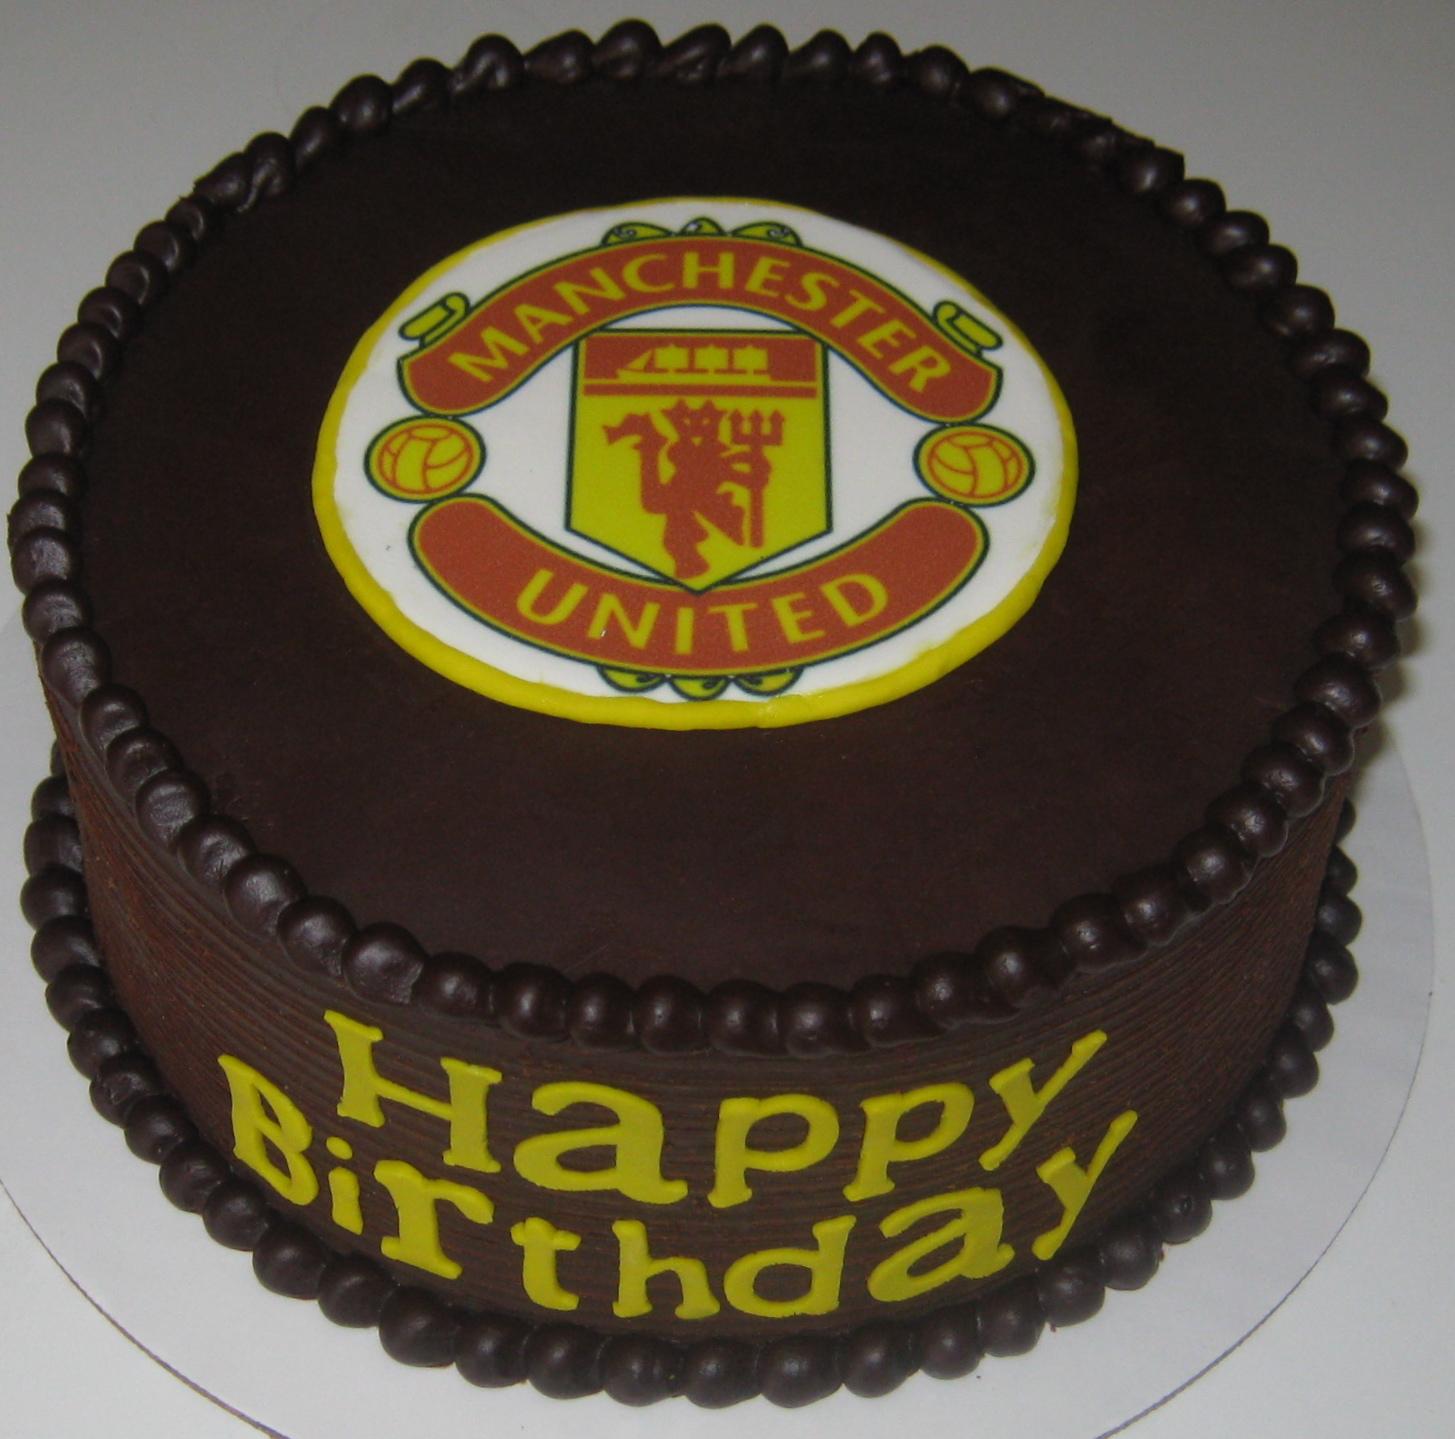 Sweet T s Cake Design: Manchester United Soccer Team ...